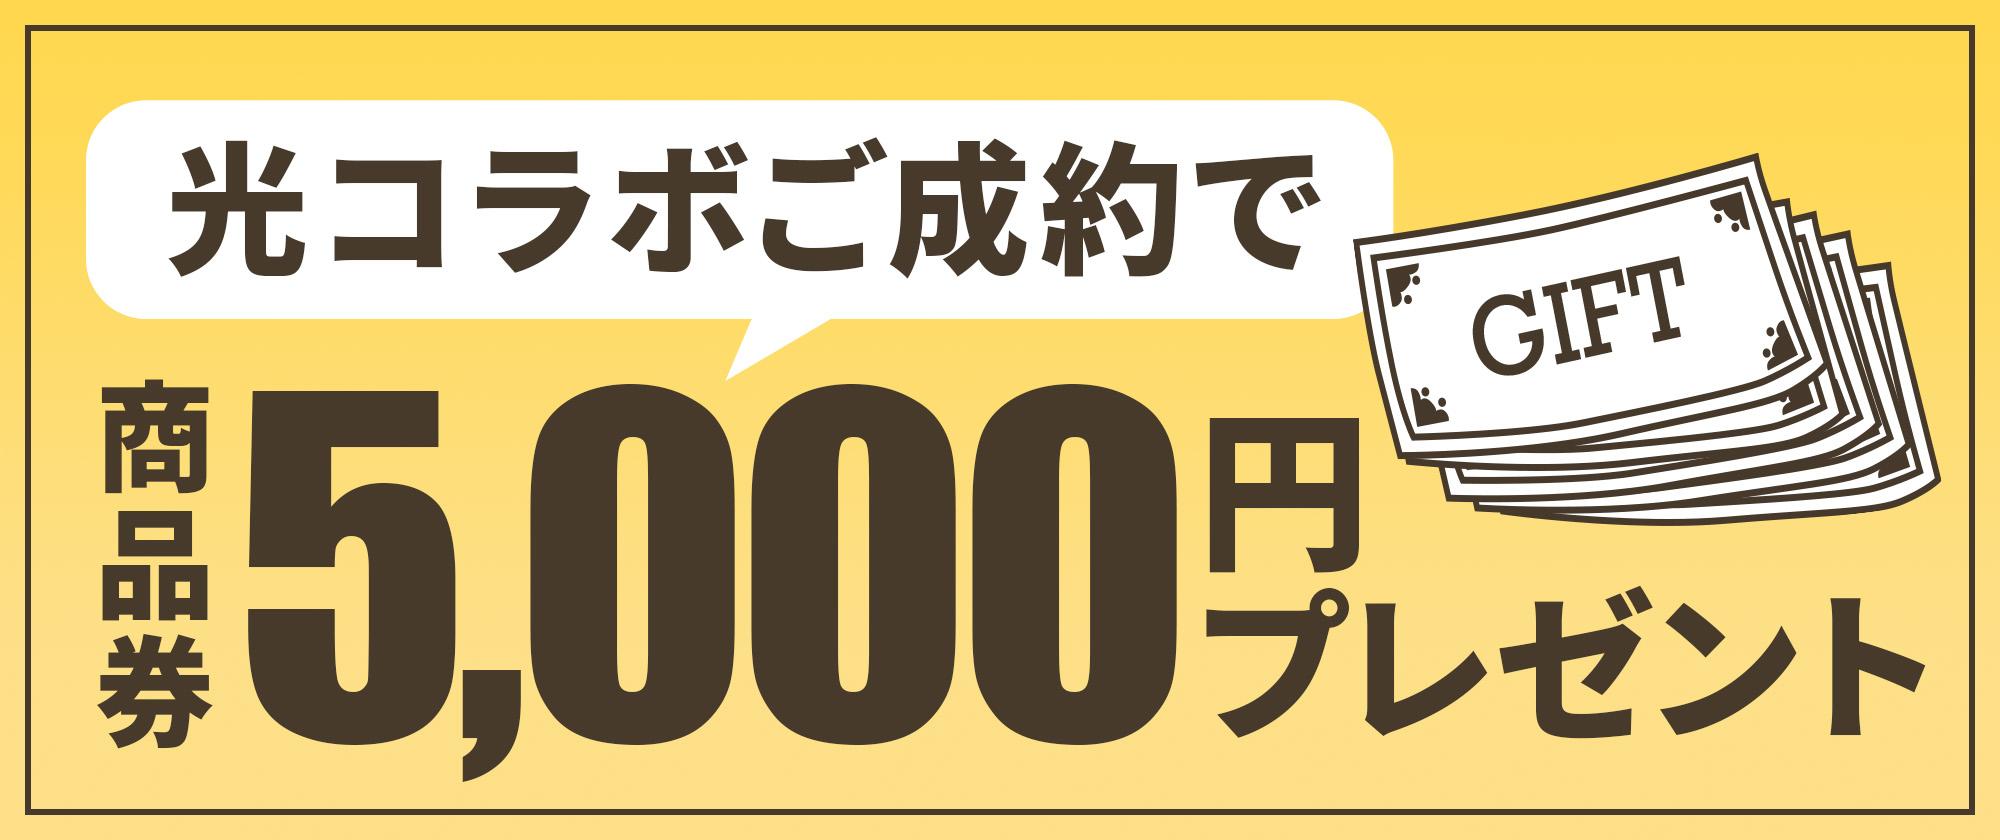 光コラボご成約で商品券5,000円プレゼント